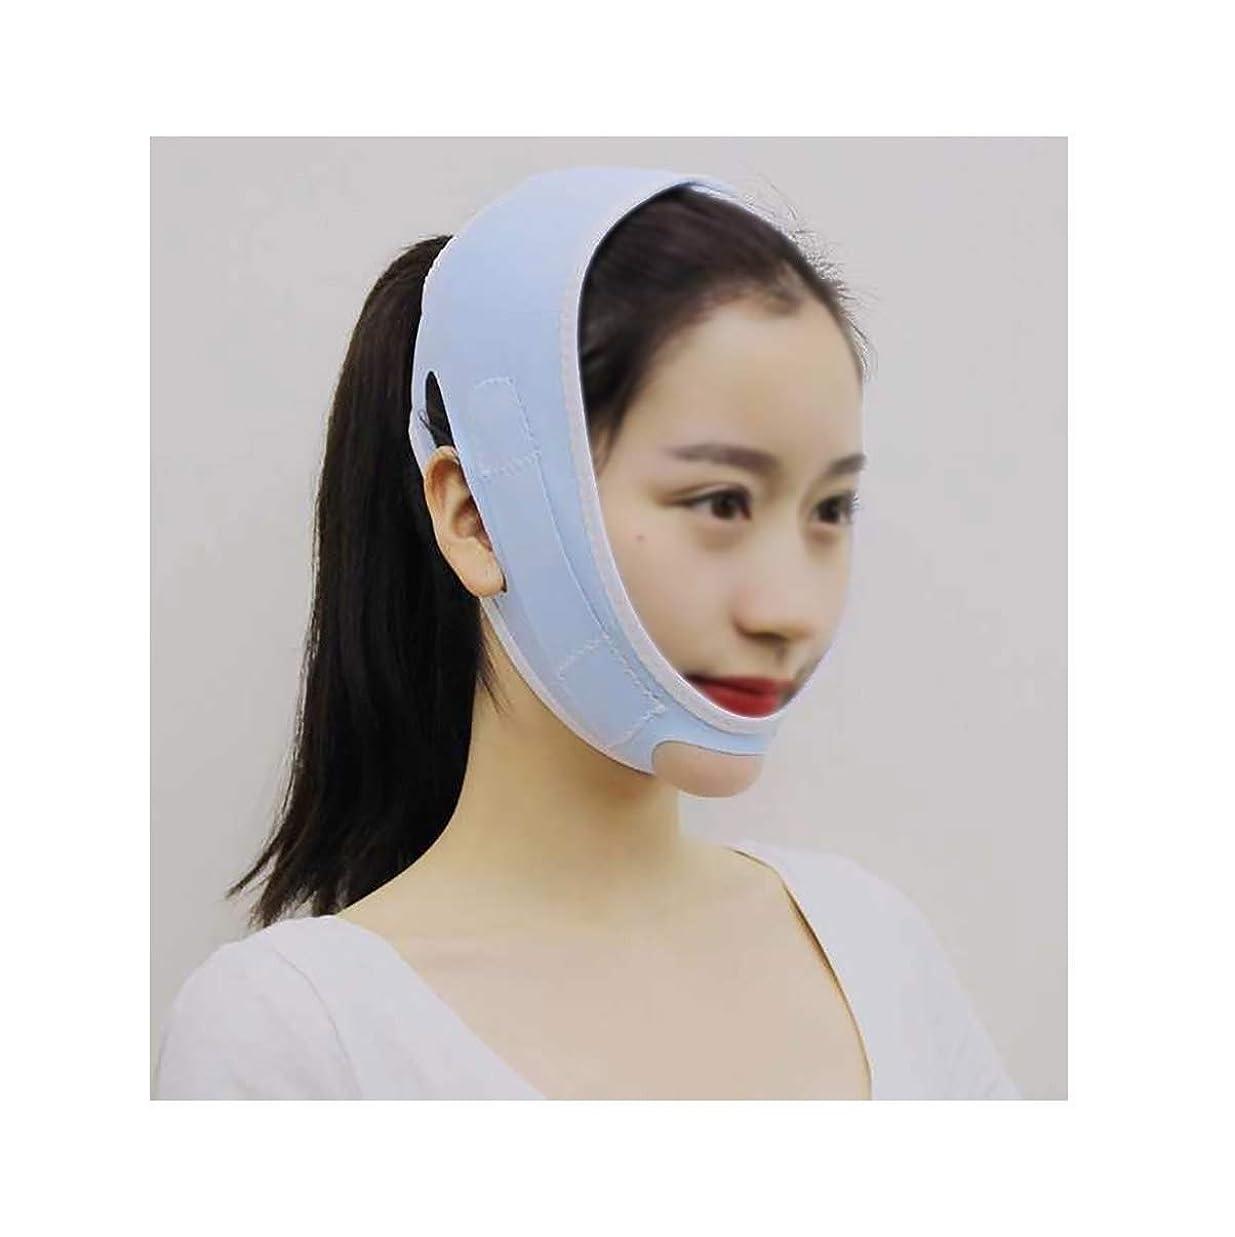 高度な伝統宗教的なGLJJQMY フェイシャルリフティングマスクあごストラップ修復包帯ヘッドバンドマスクフェイスリフティングスモールVフェイスアーティファクト型美容弾性フェイシャル&ネックリフティング 顔用整形マスク (Color : Blue)